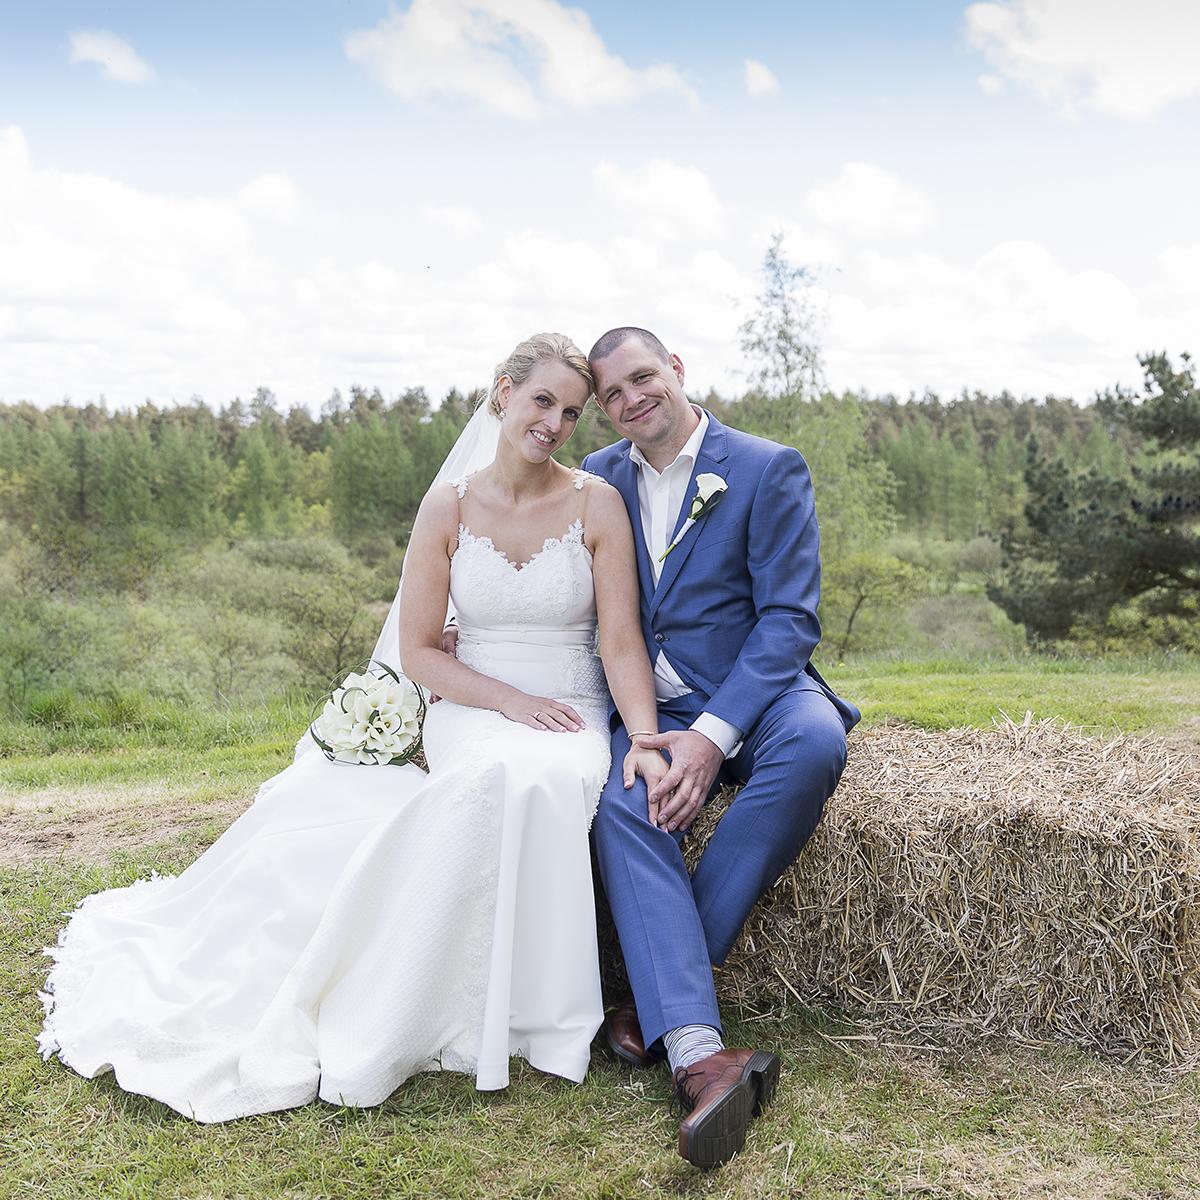 Pinkstudio by Angelina Devine 4.-Marianne-og-Kim-portrætter-1 Planlæg det perfekte bryllup - del 1 Bryllup Nyheder Tips og Tricks